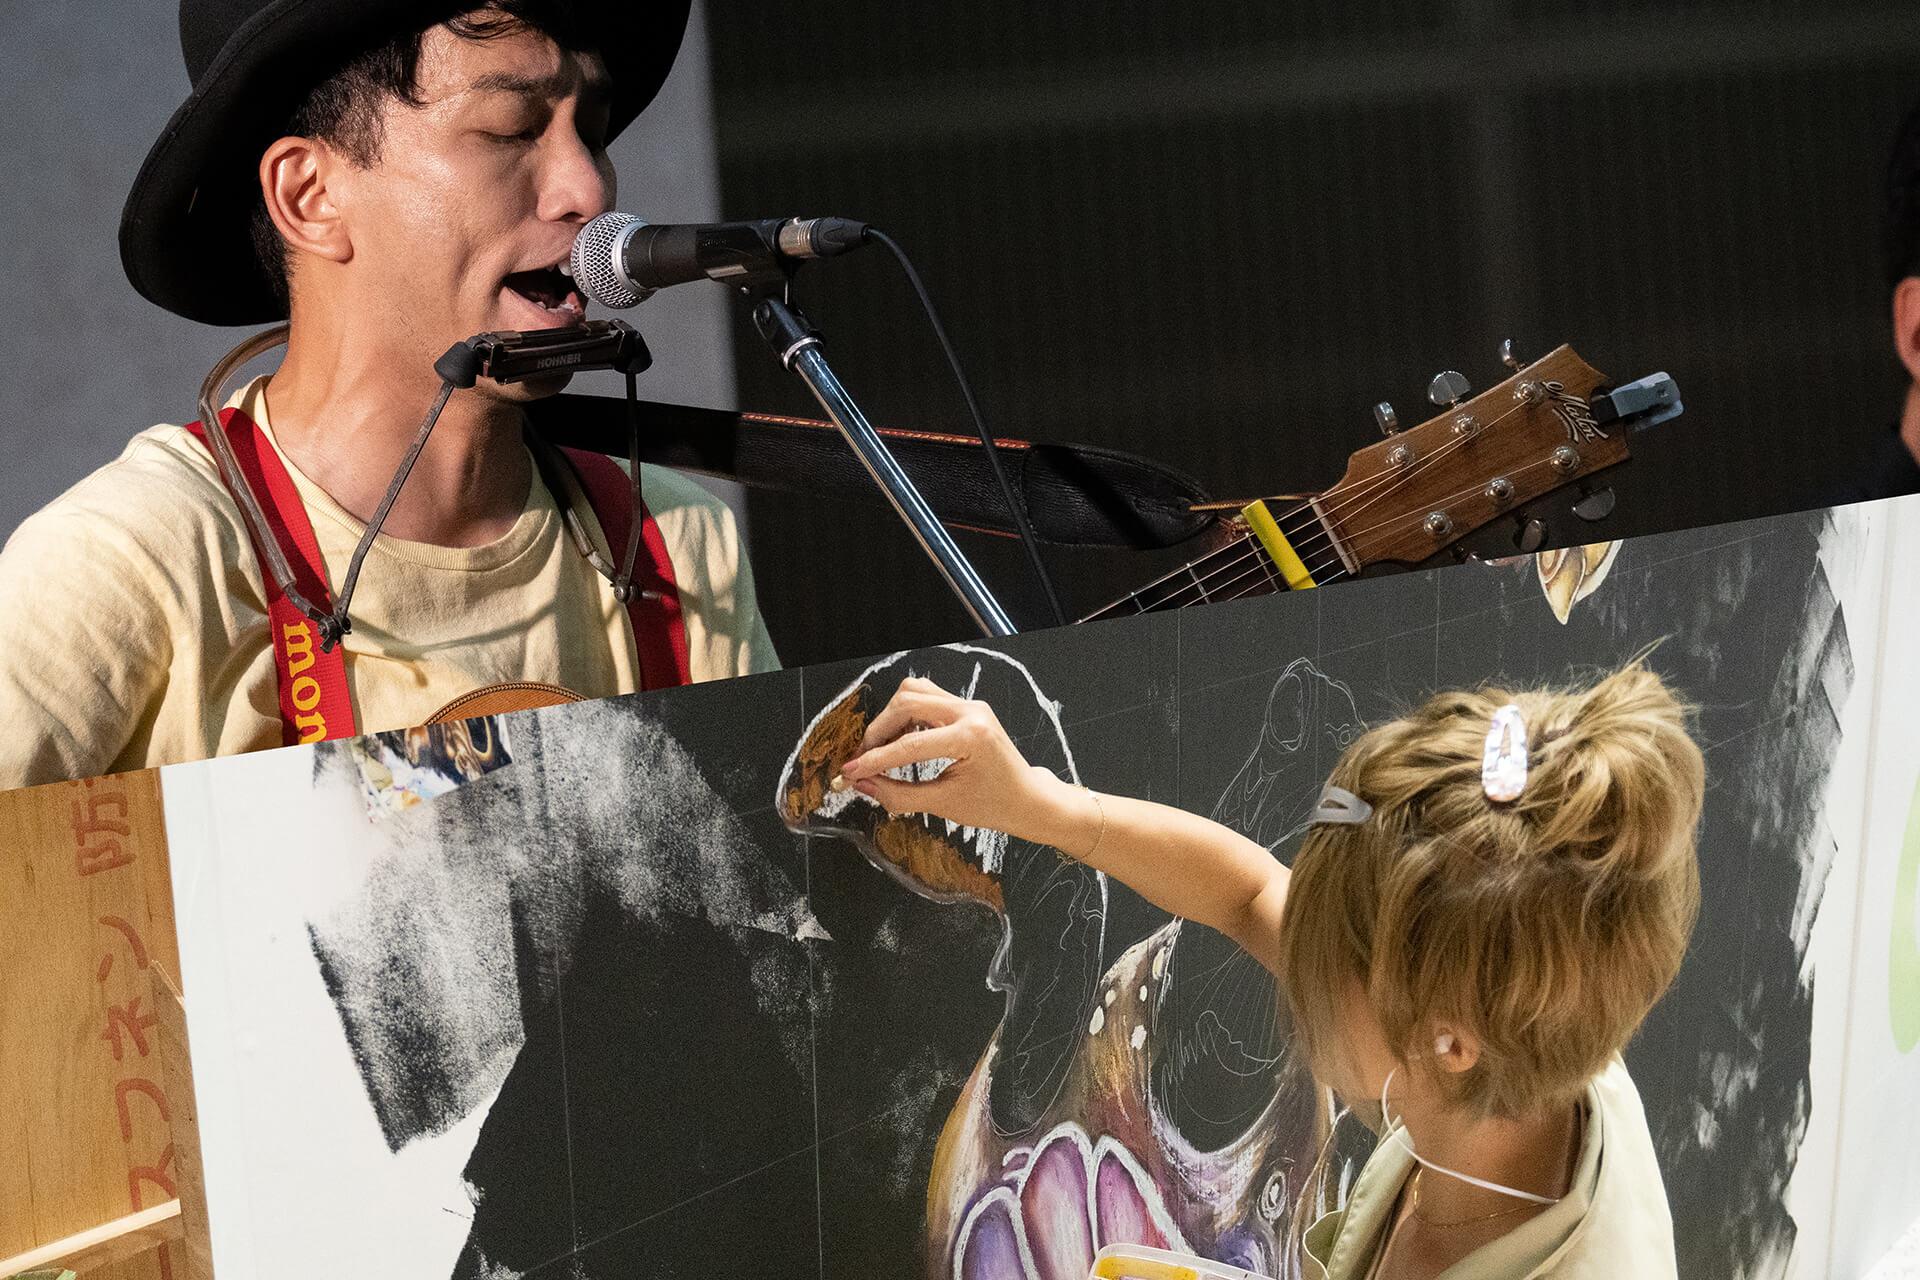 この写真はハンドメイドインジャパンで公演した歌手とアーティスト